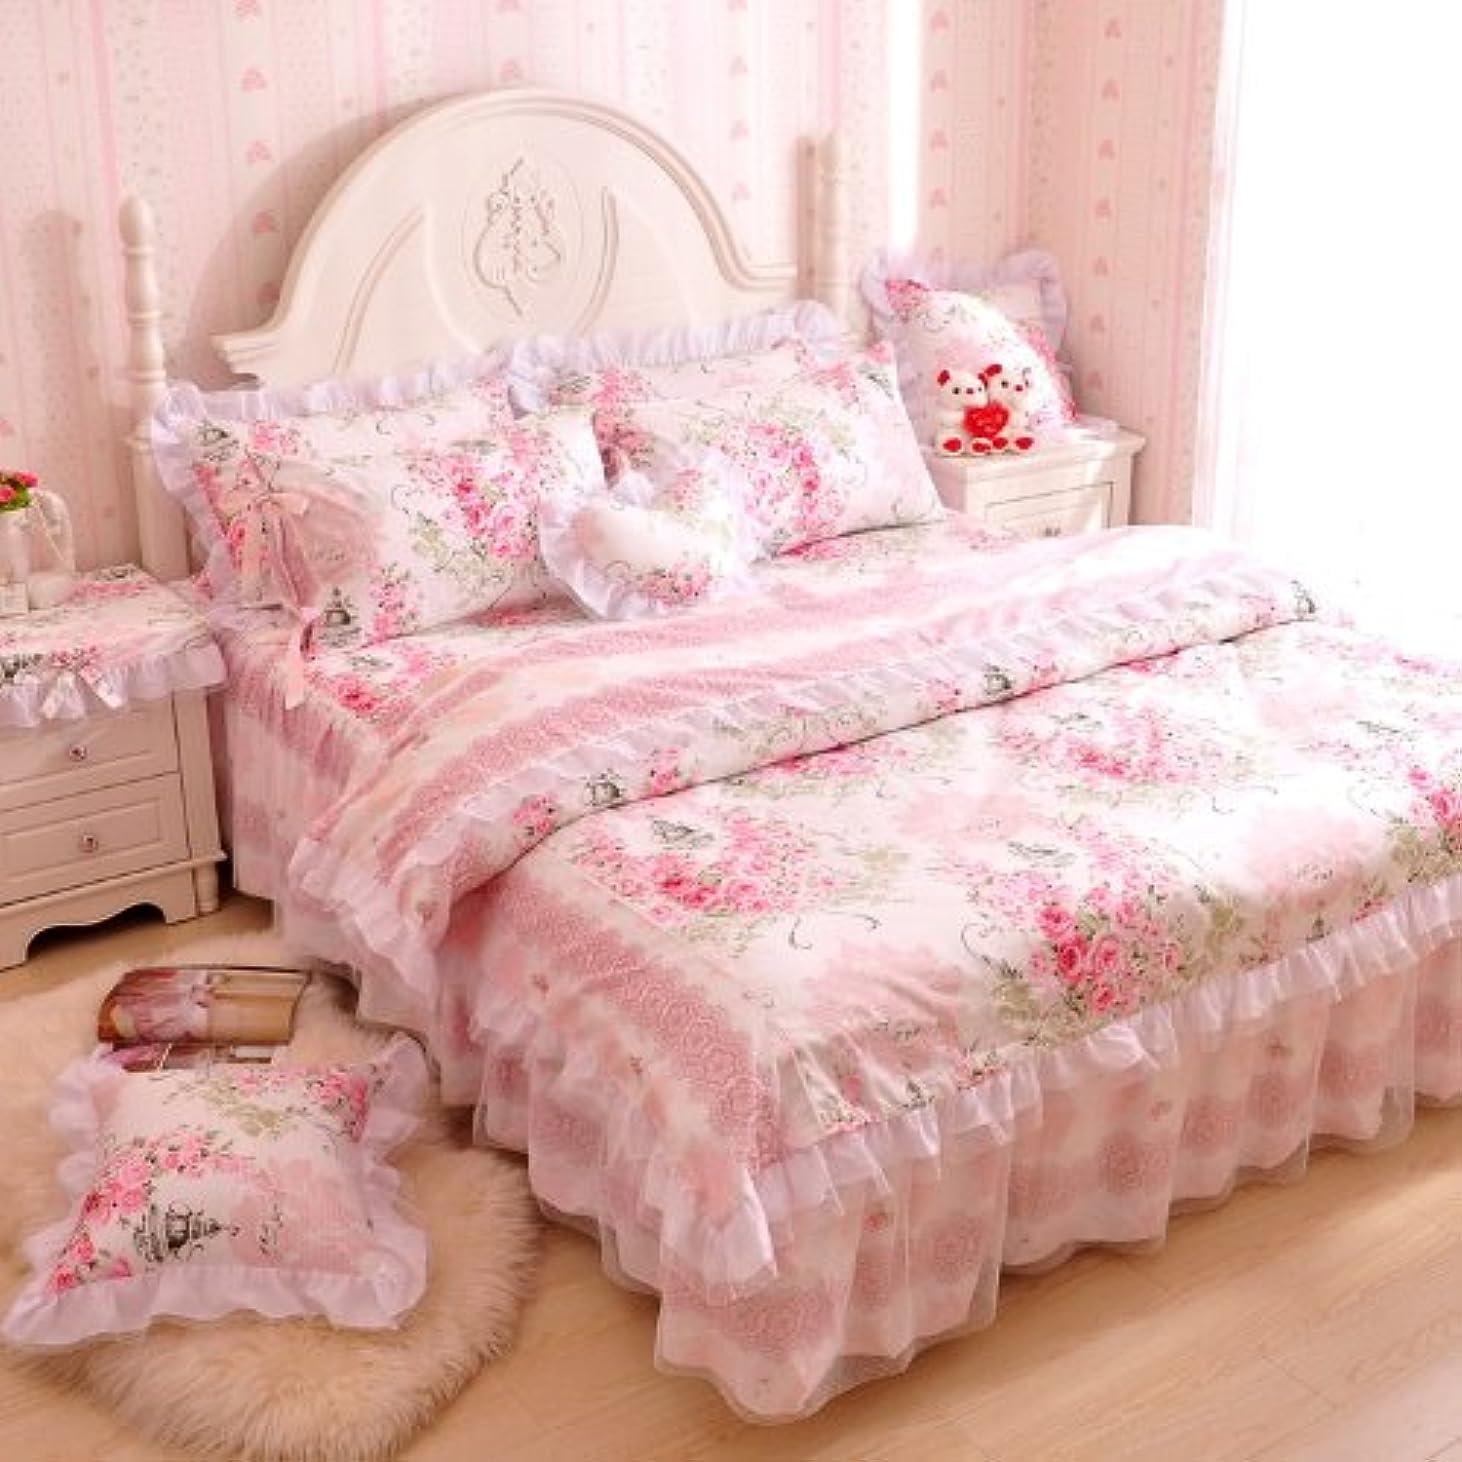 瀬戸際求めるアリピンク姫系韓風 フリルデザイン 布団カバー ベッドスカート 枕カバー3点セット